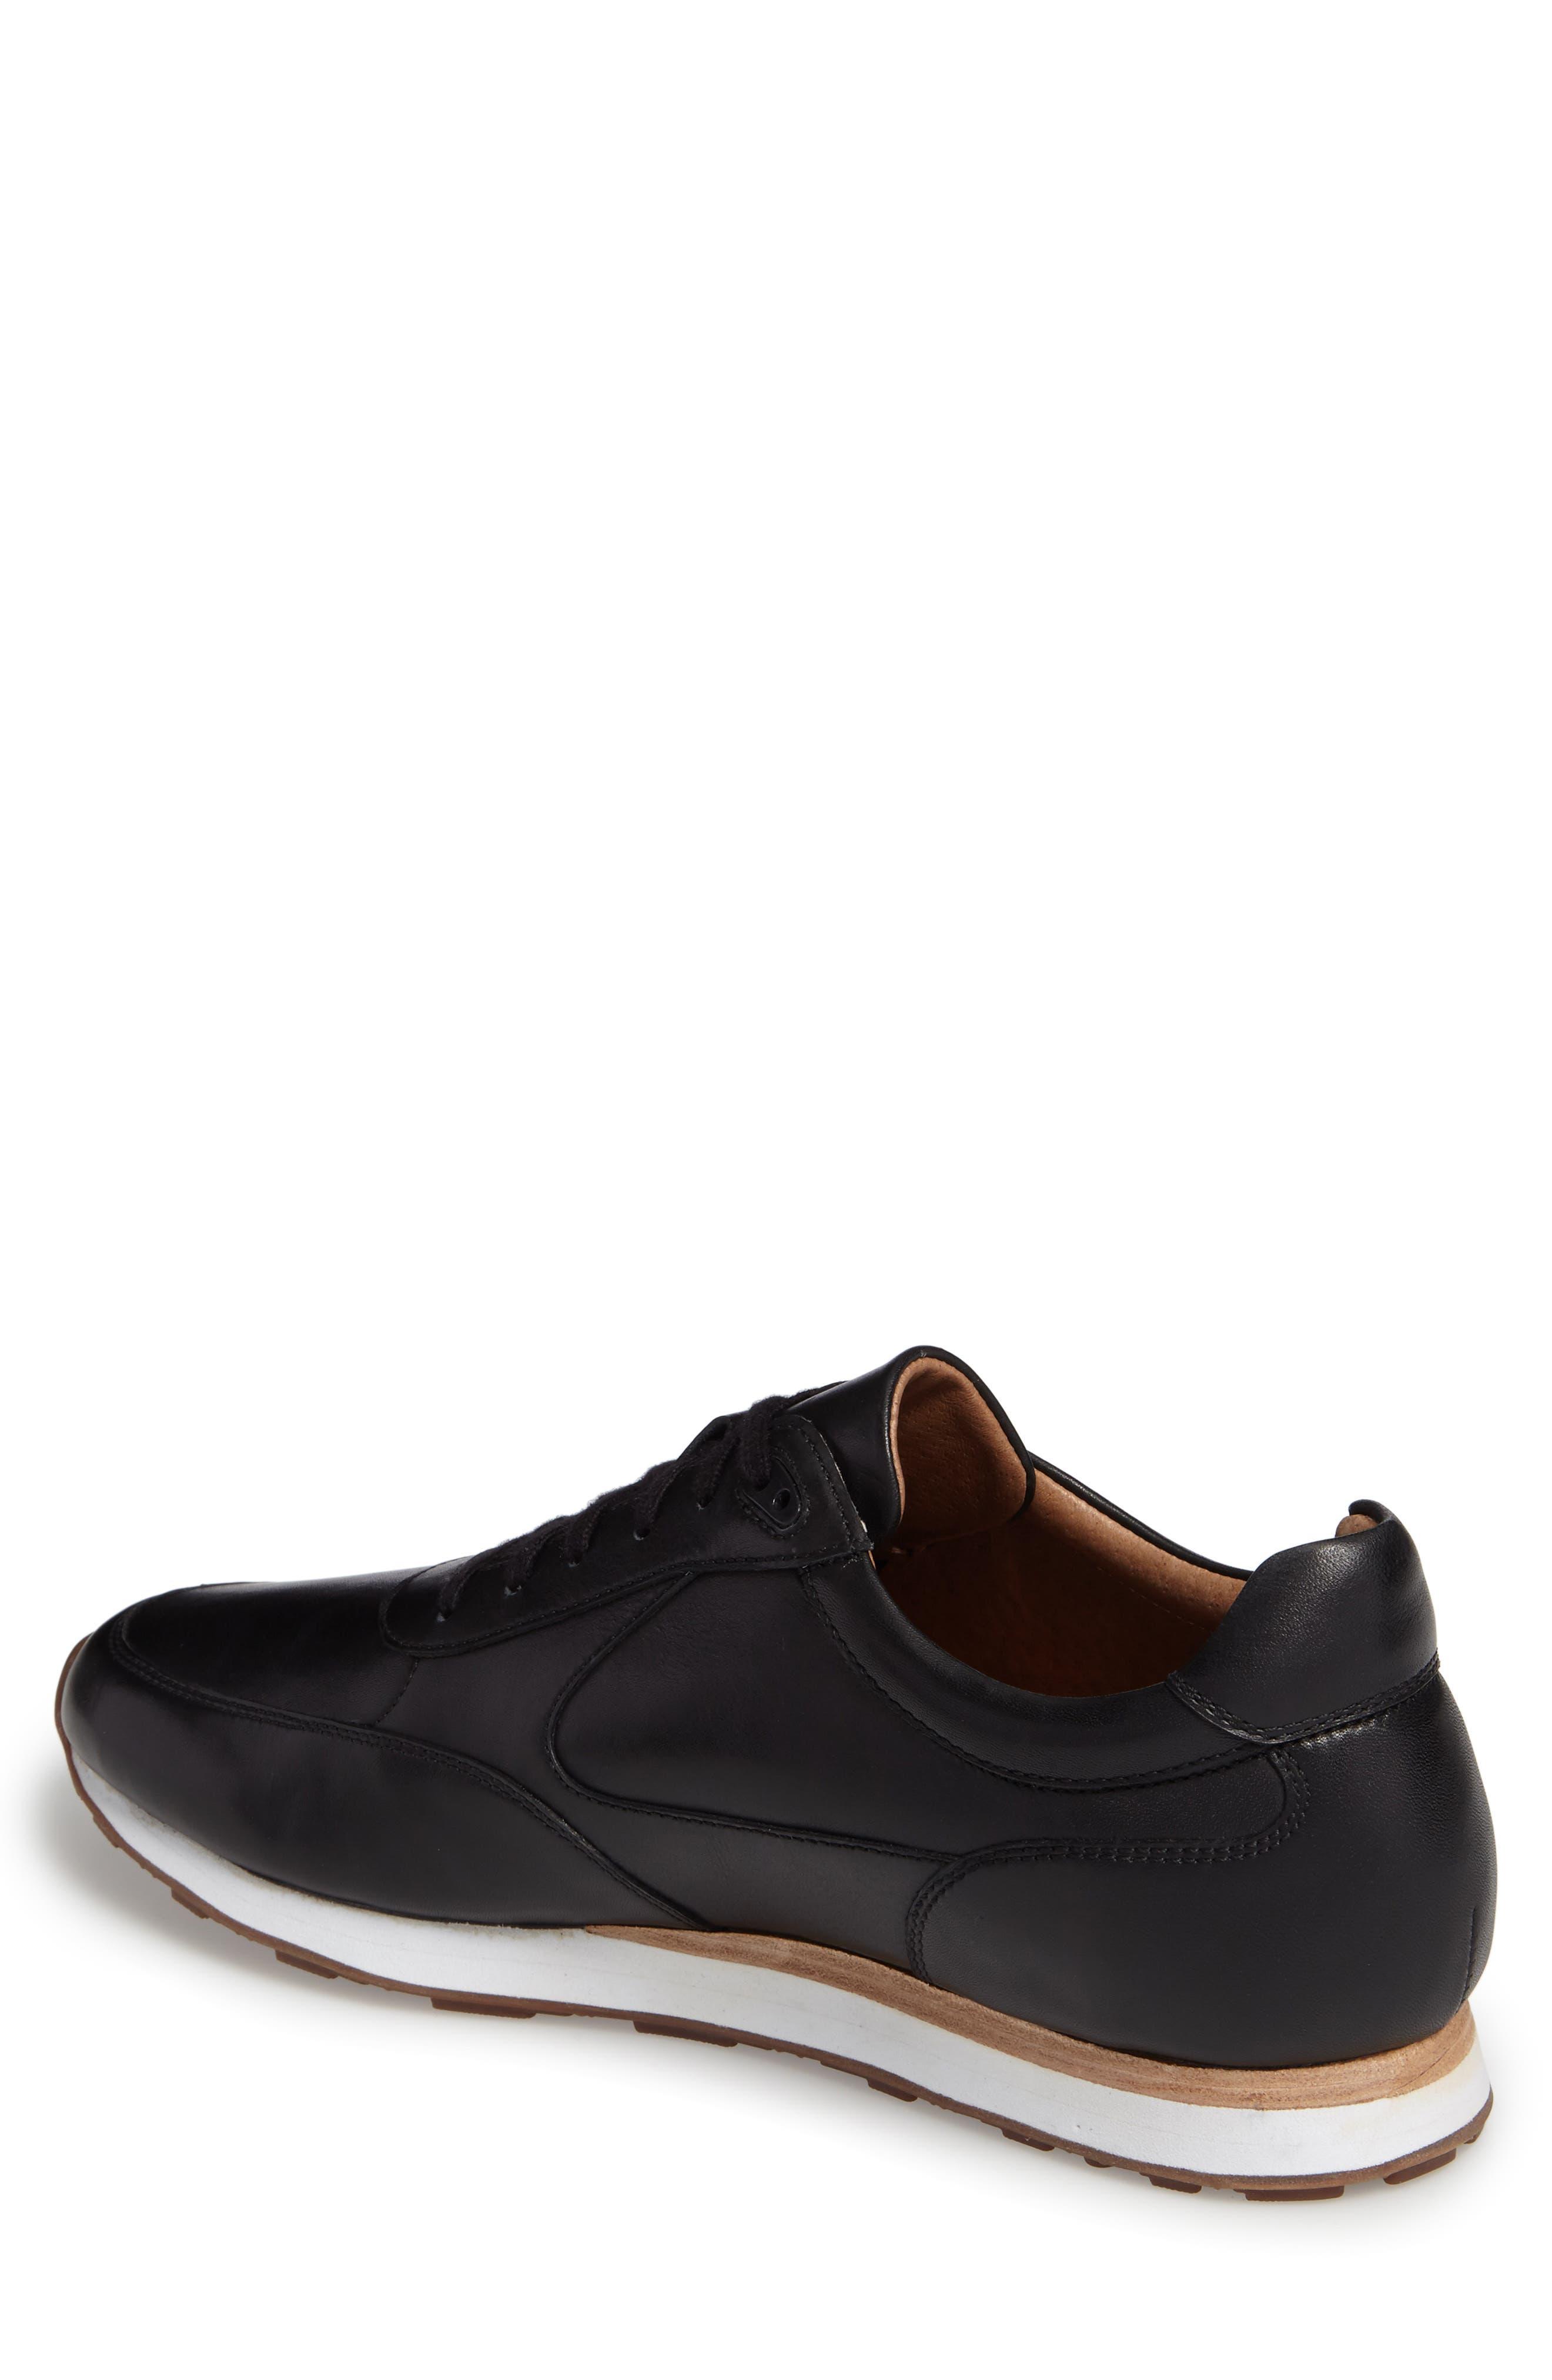 Malek Sneaker,                             Alternate thumbnail 2, color,                             Black Leather